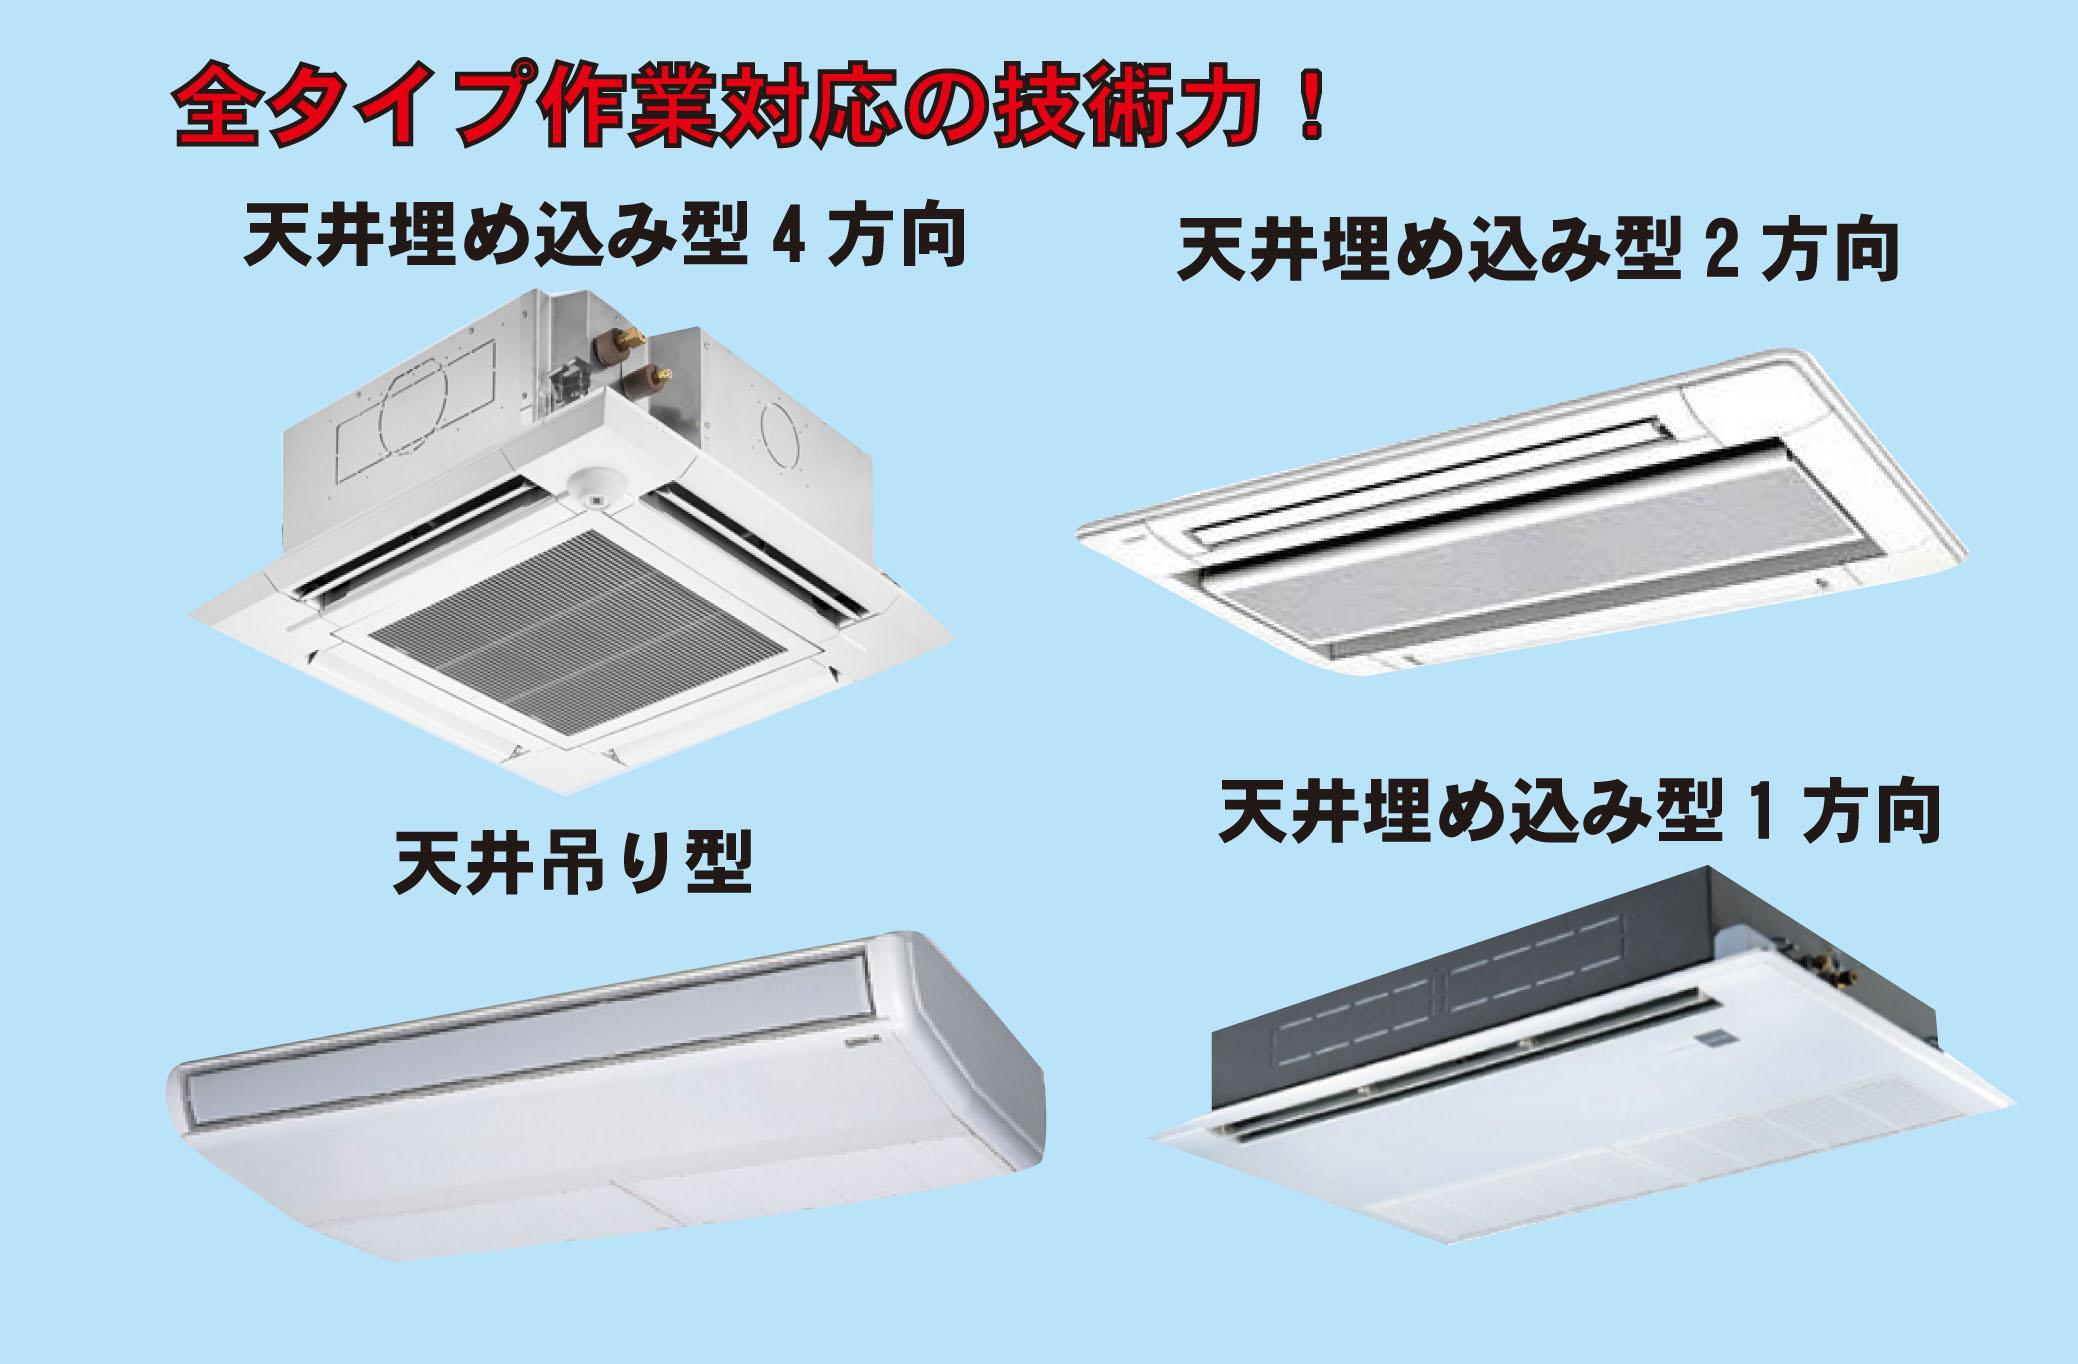 全タイプ作業対応の技術力! 天井埋め込み型4方向 天井埋め込み型2方向 天井吊り型 天井埋め込み型1方向